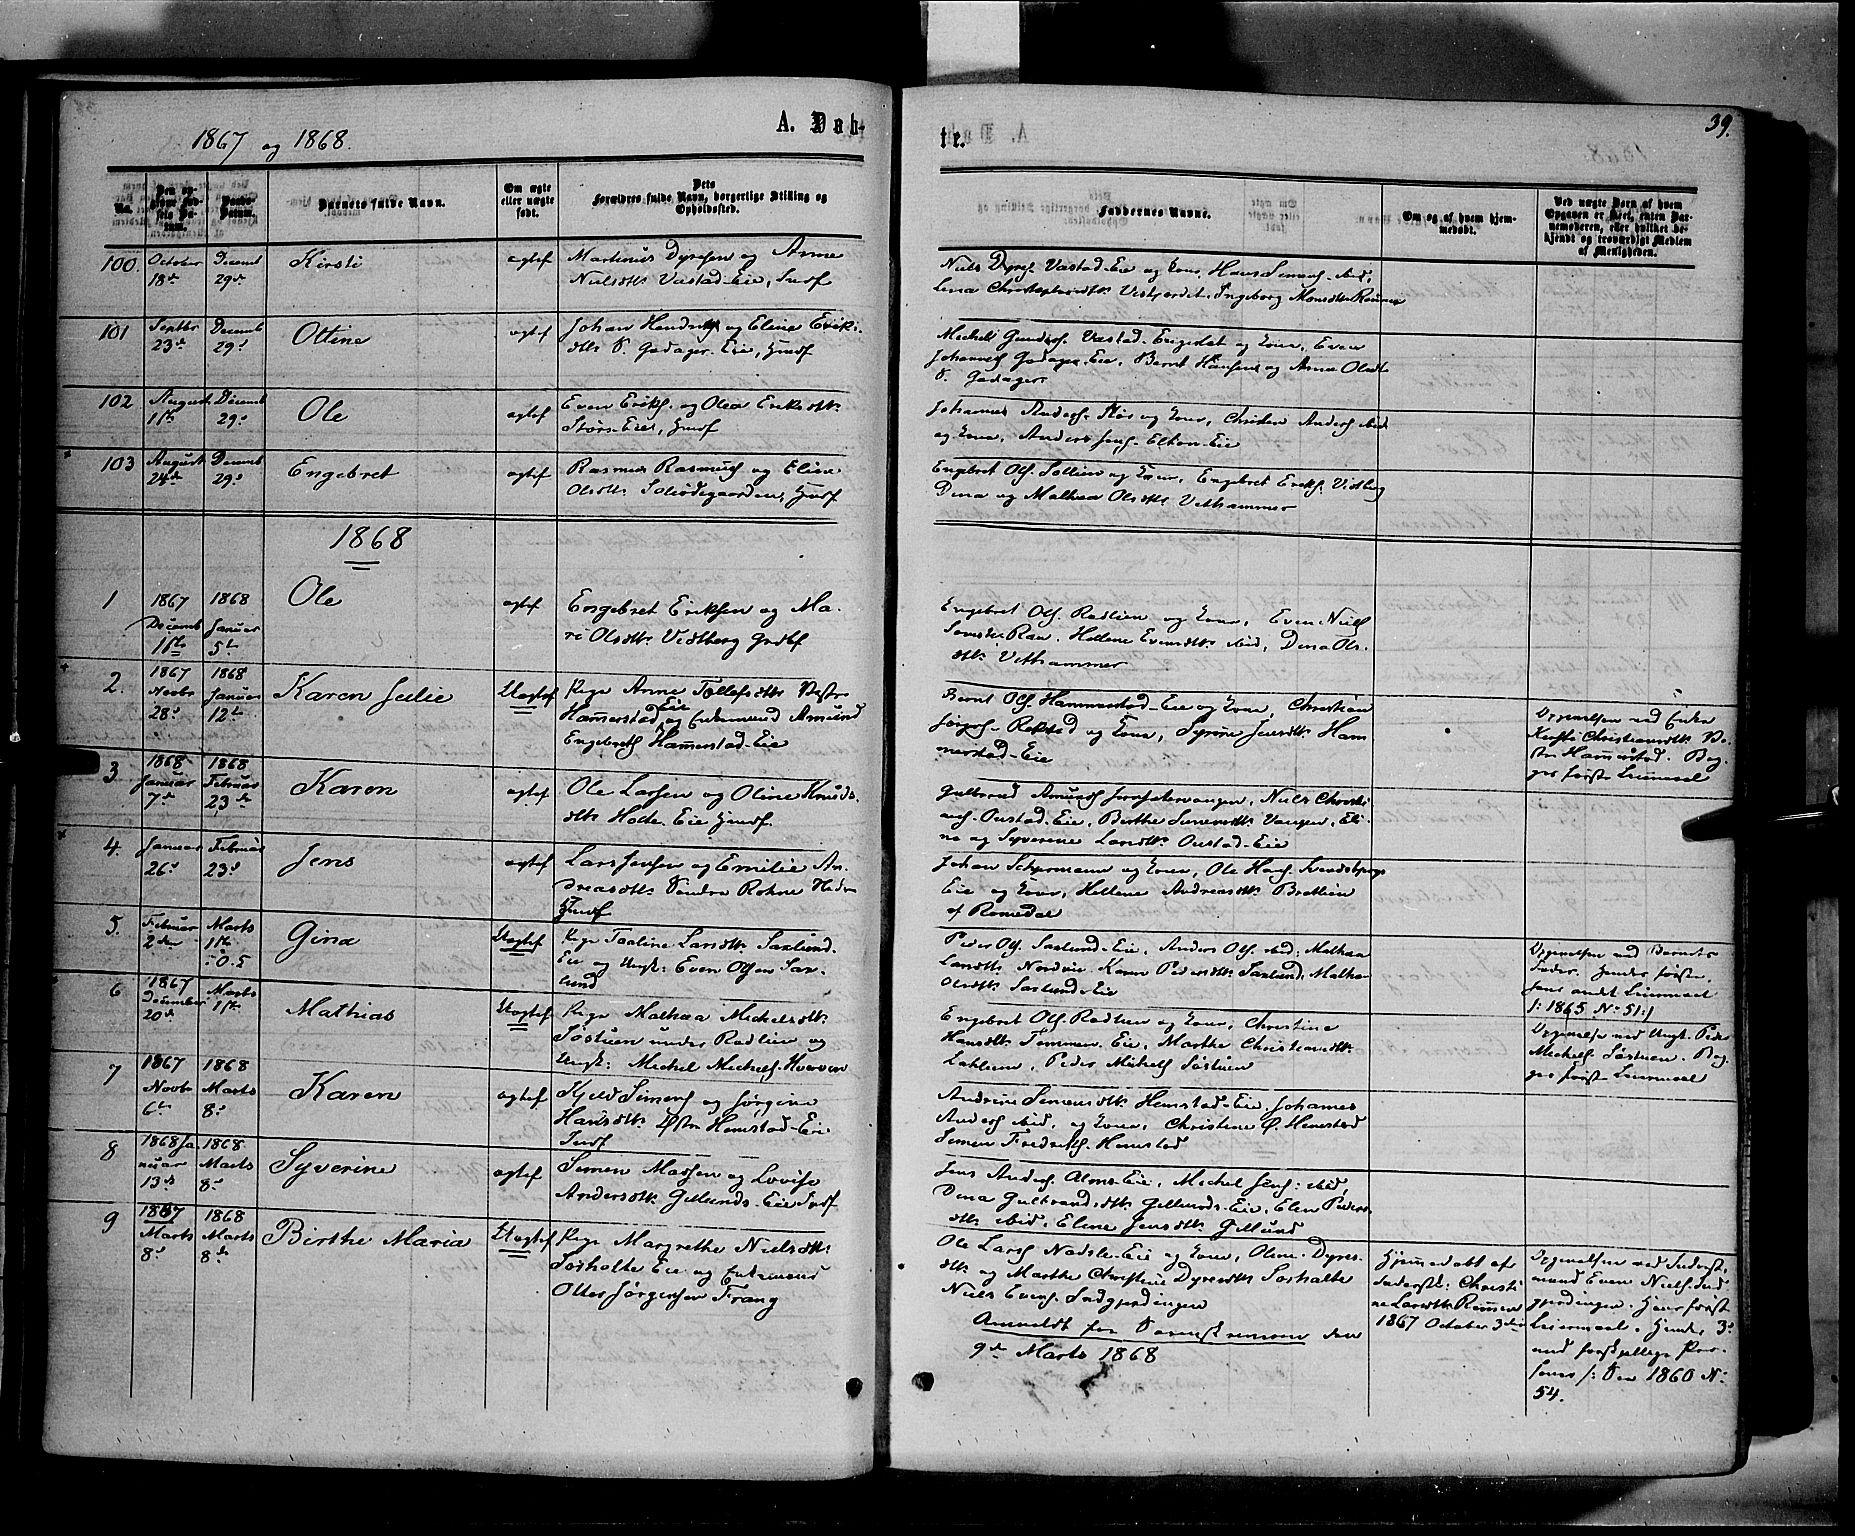 SAH, Stange prestekontor, K/L0013: Parish register (official) no. 13, 1862-1879, p. 39